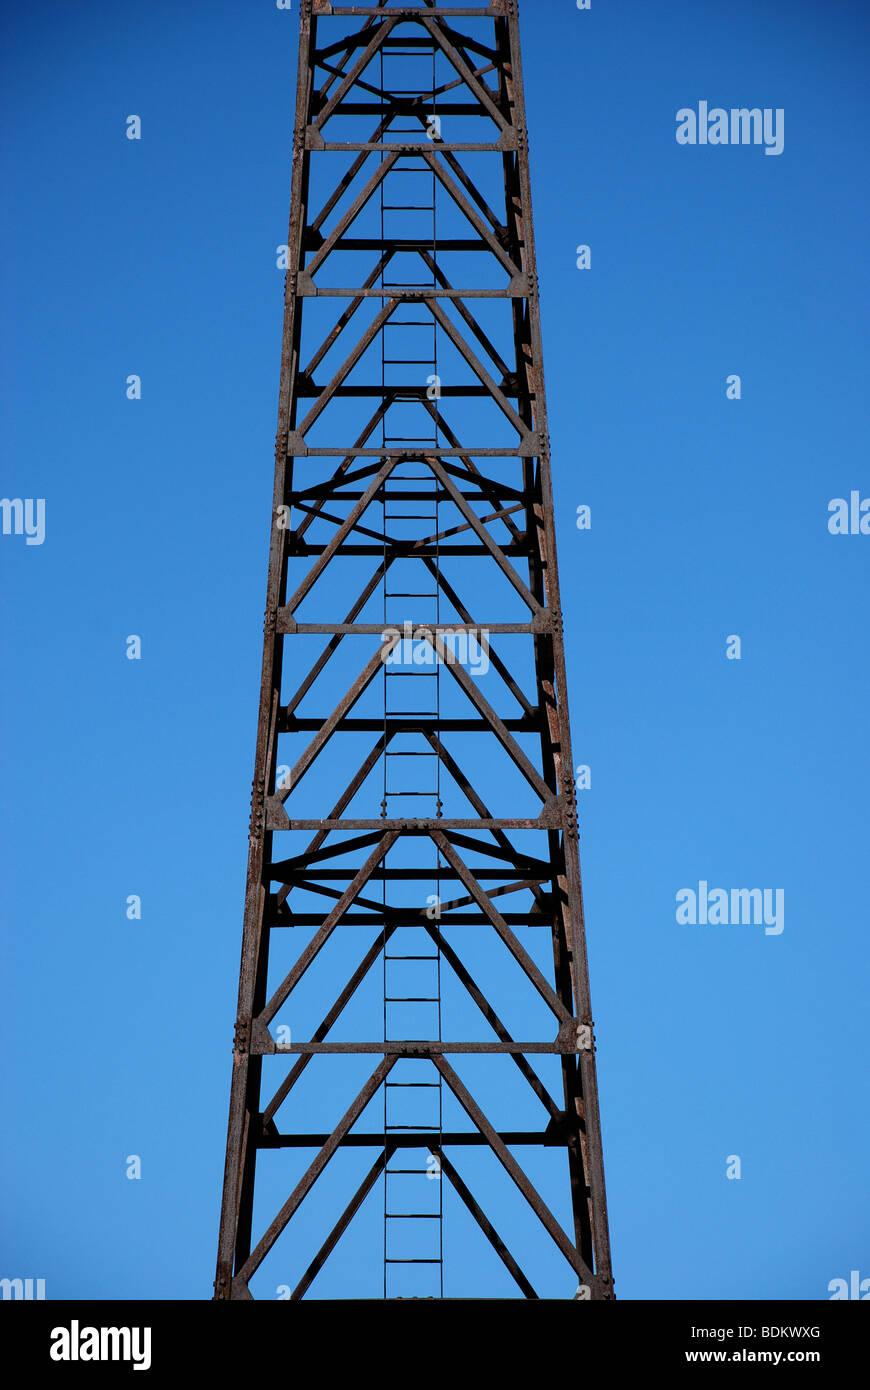 Metall, leichte Turm auf einem Pier am Ufer des Lake Michigan, Chicago, IL, USA Stockbild